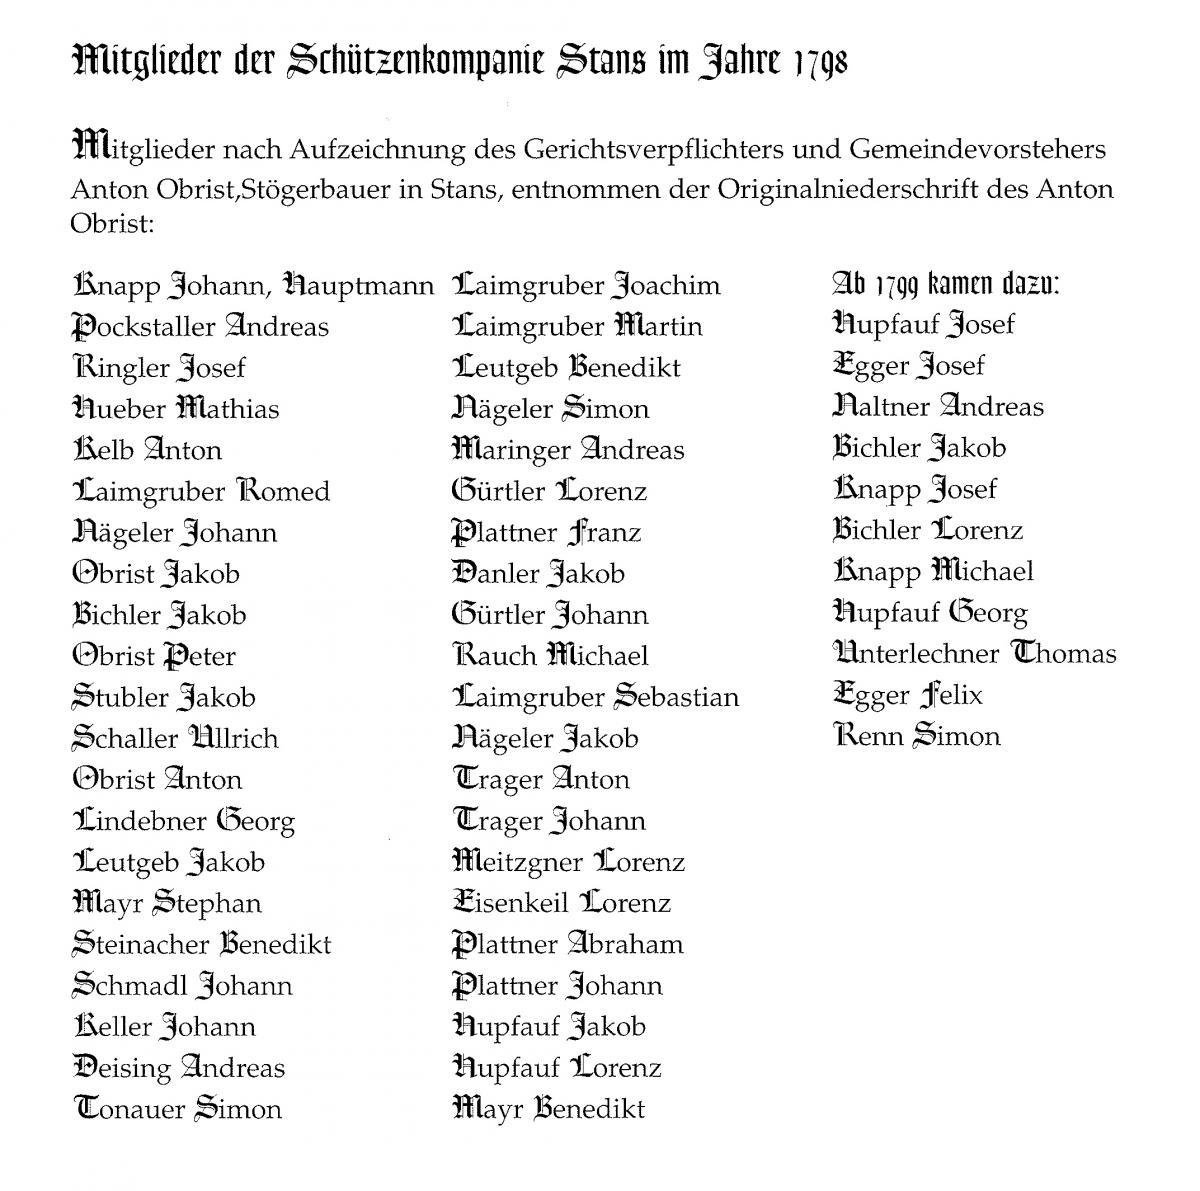 Mitgliederliste der Schützenkompanie Stans aus dem Jahre 1798